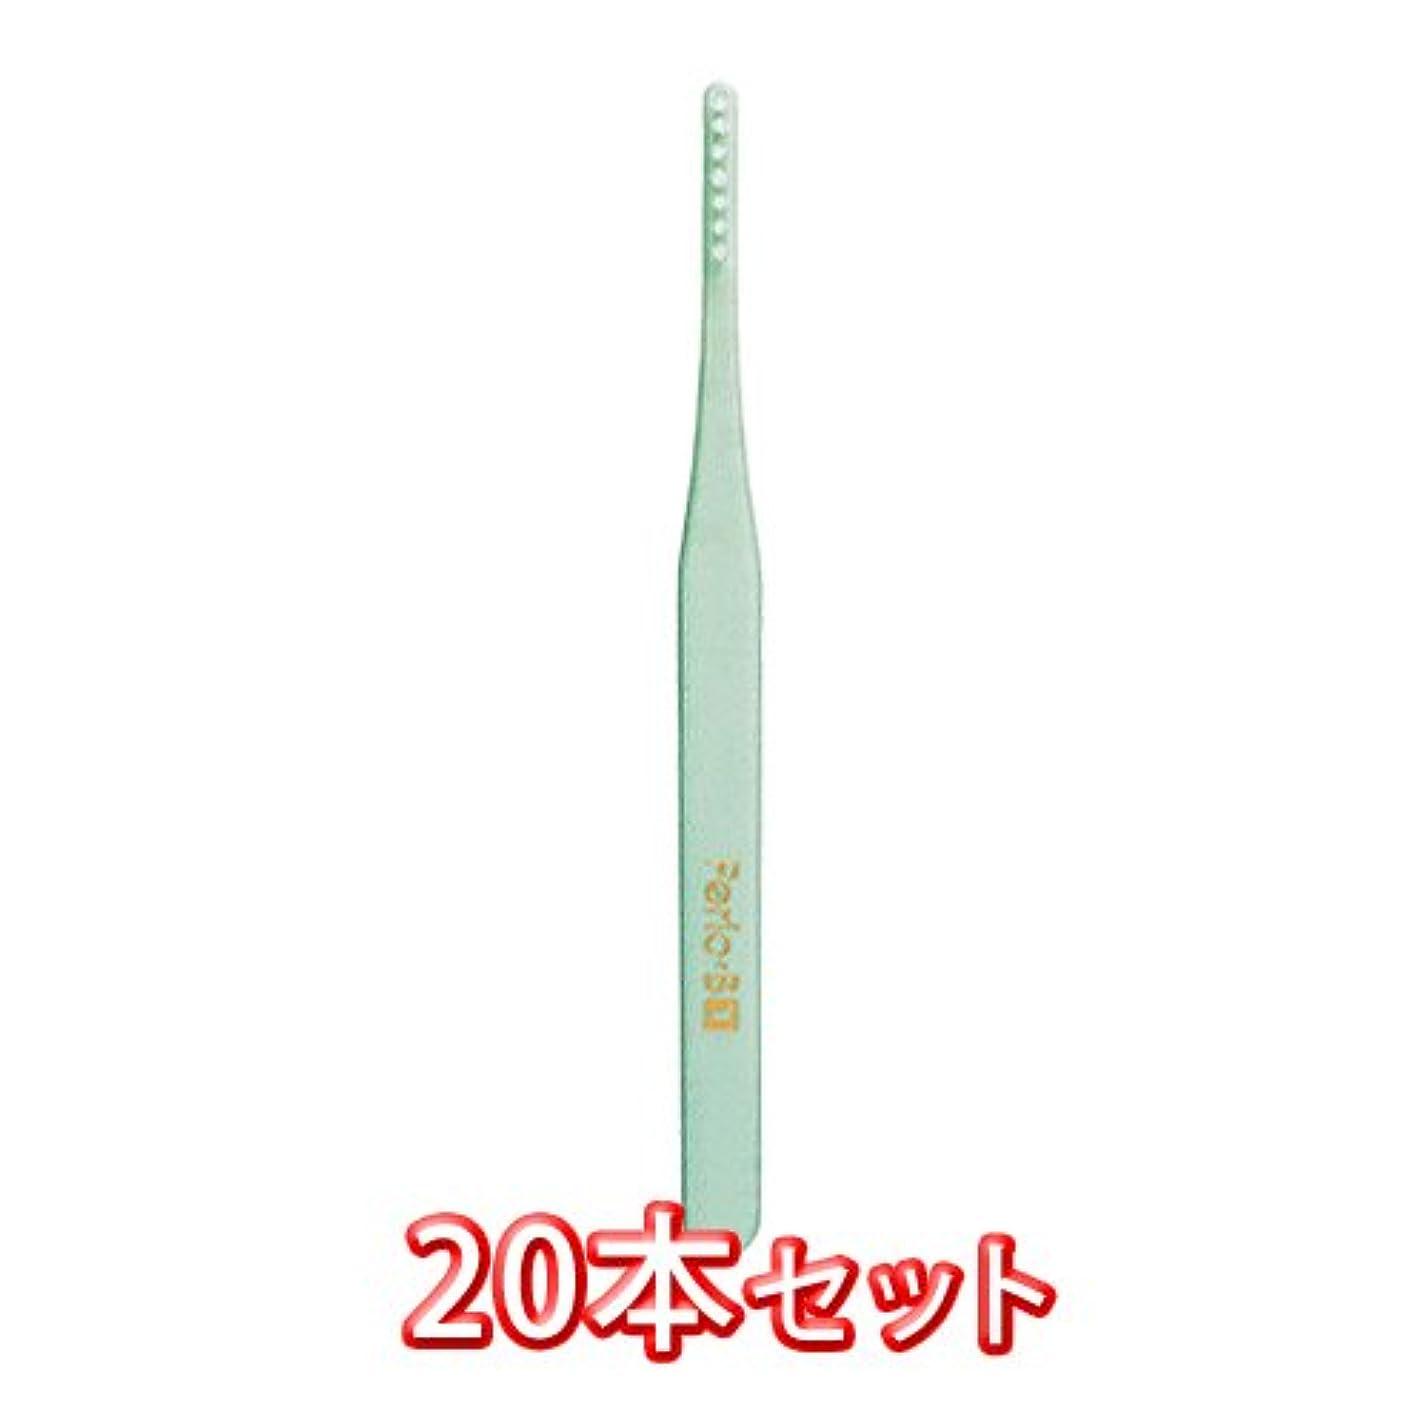 サンスター ペリオ歯ブラシ 20本入 ぺリオB1